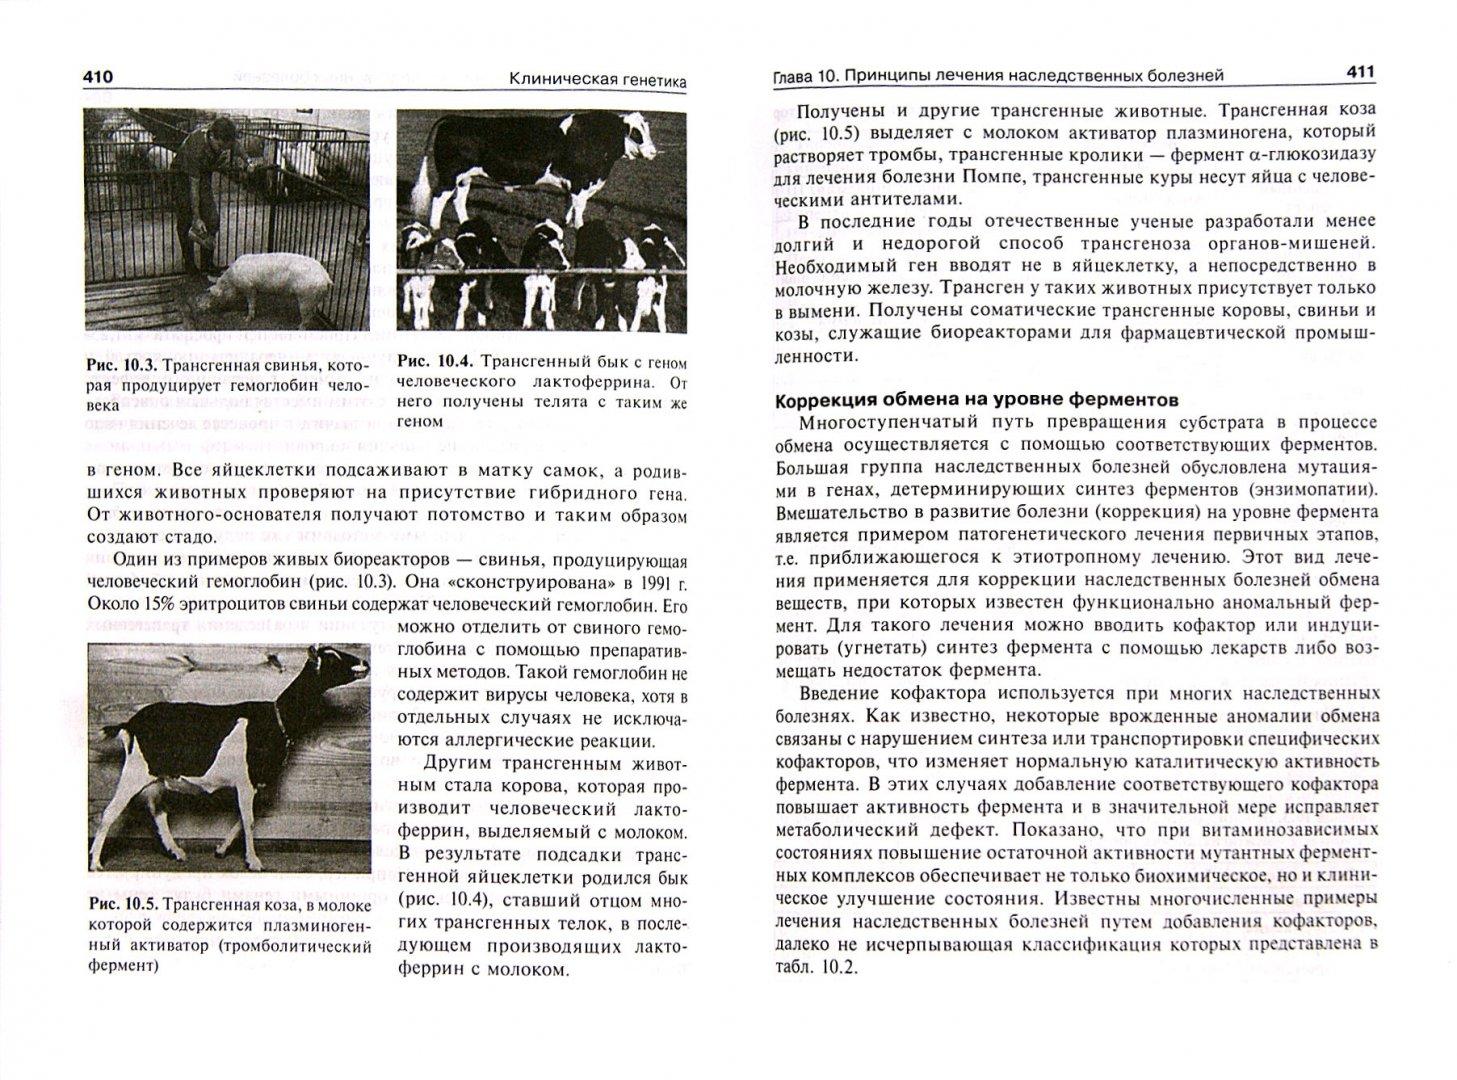 Иллюстрация 1 из 7 для Клиническая генетика. Учебник (+CD) - Бочков, Пузырев, Смирнихина   Лабиринт - книги. Источник: Лабиринт